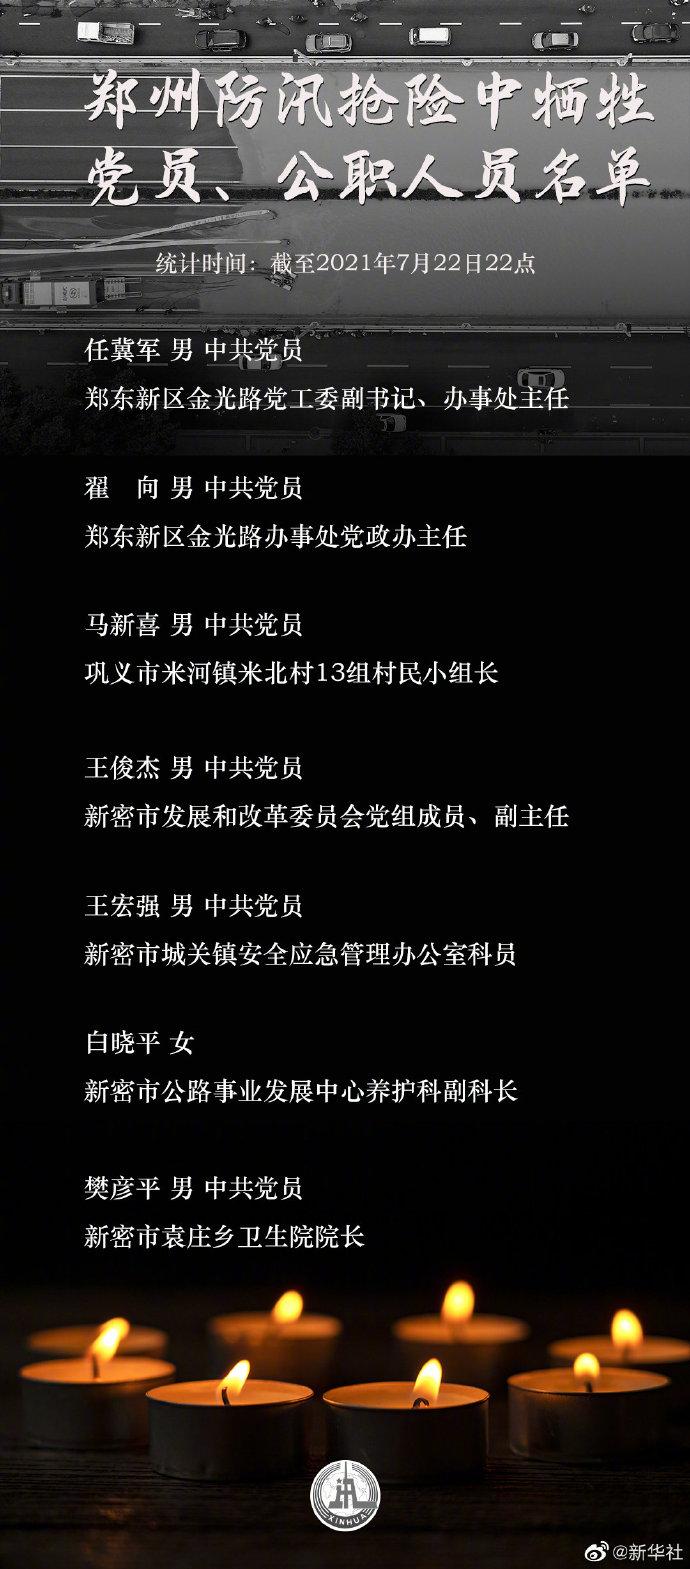 沉痛悼念!郑州7名牺牲党员干部名单公布图片